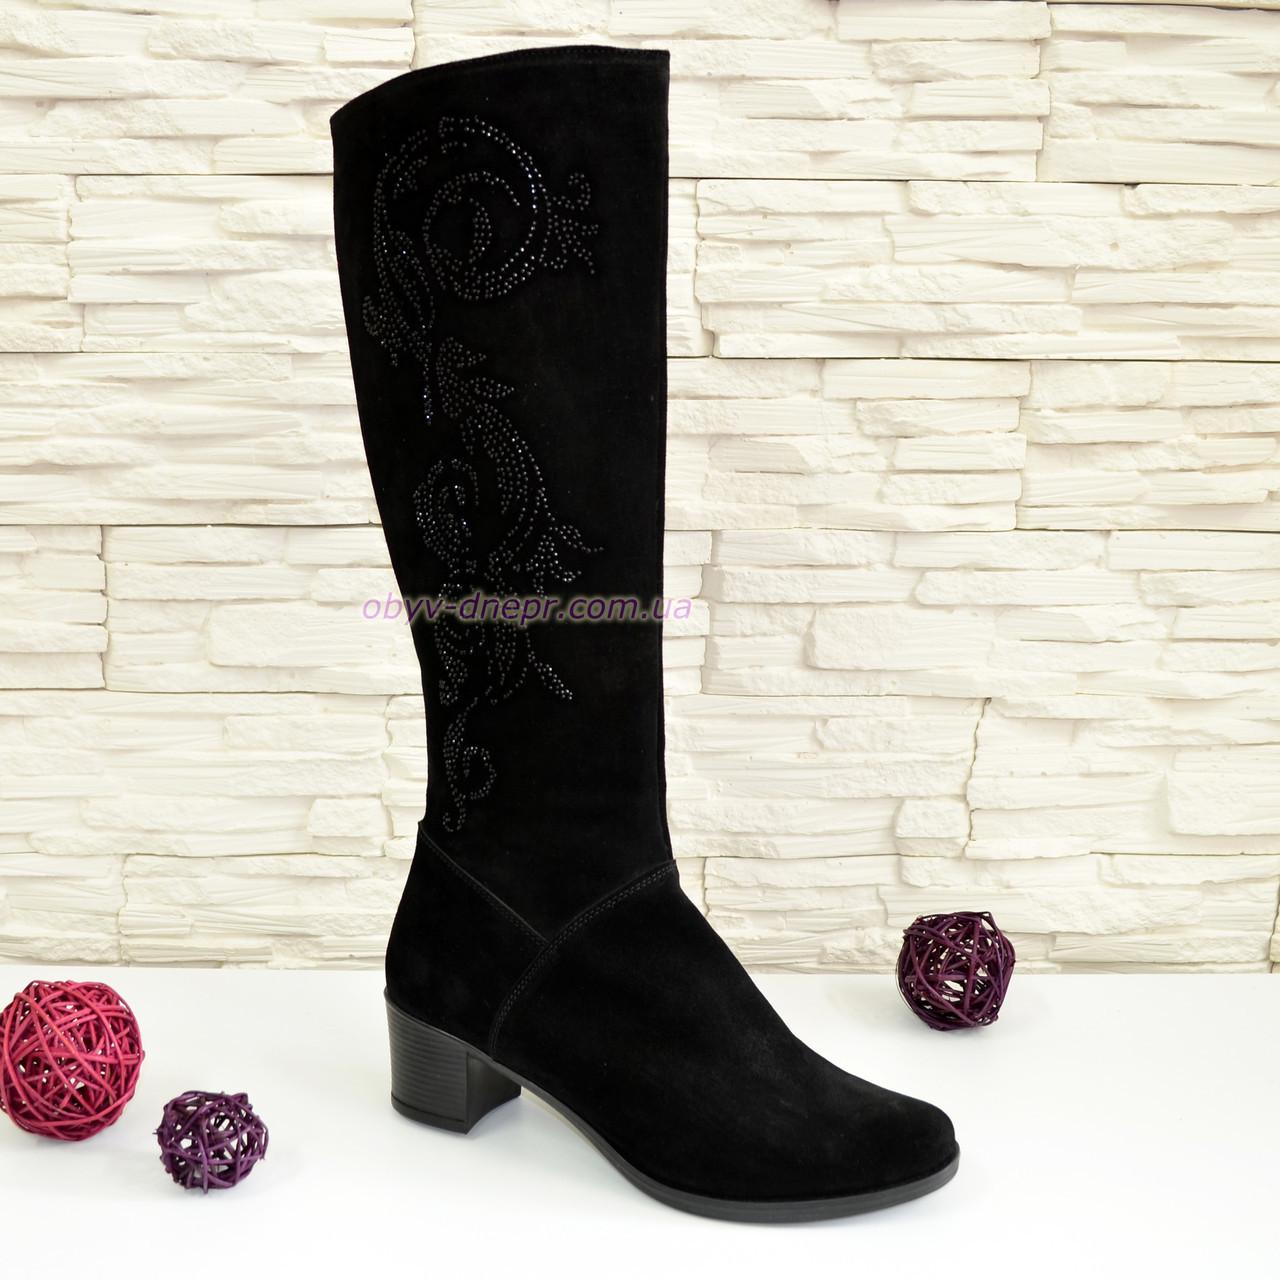 Сапоги замшевые классические демисезонные женские на каблуке, декорированы накаткой камней.